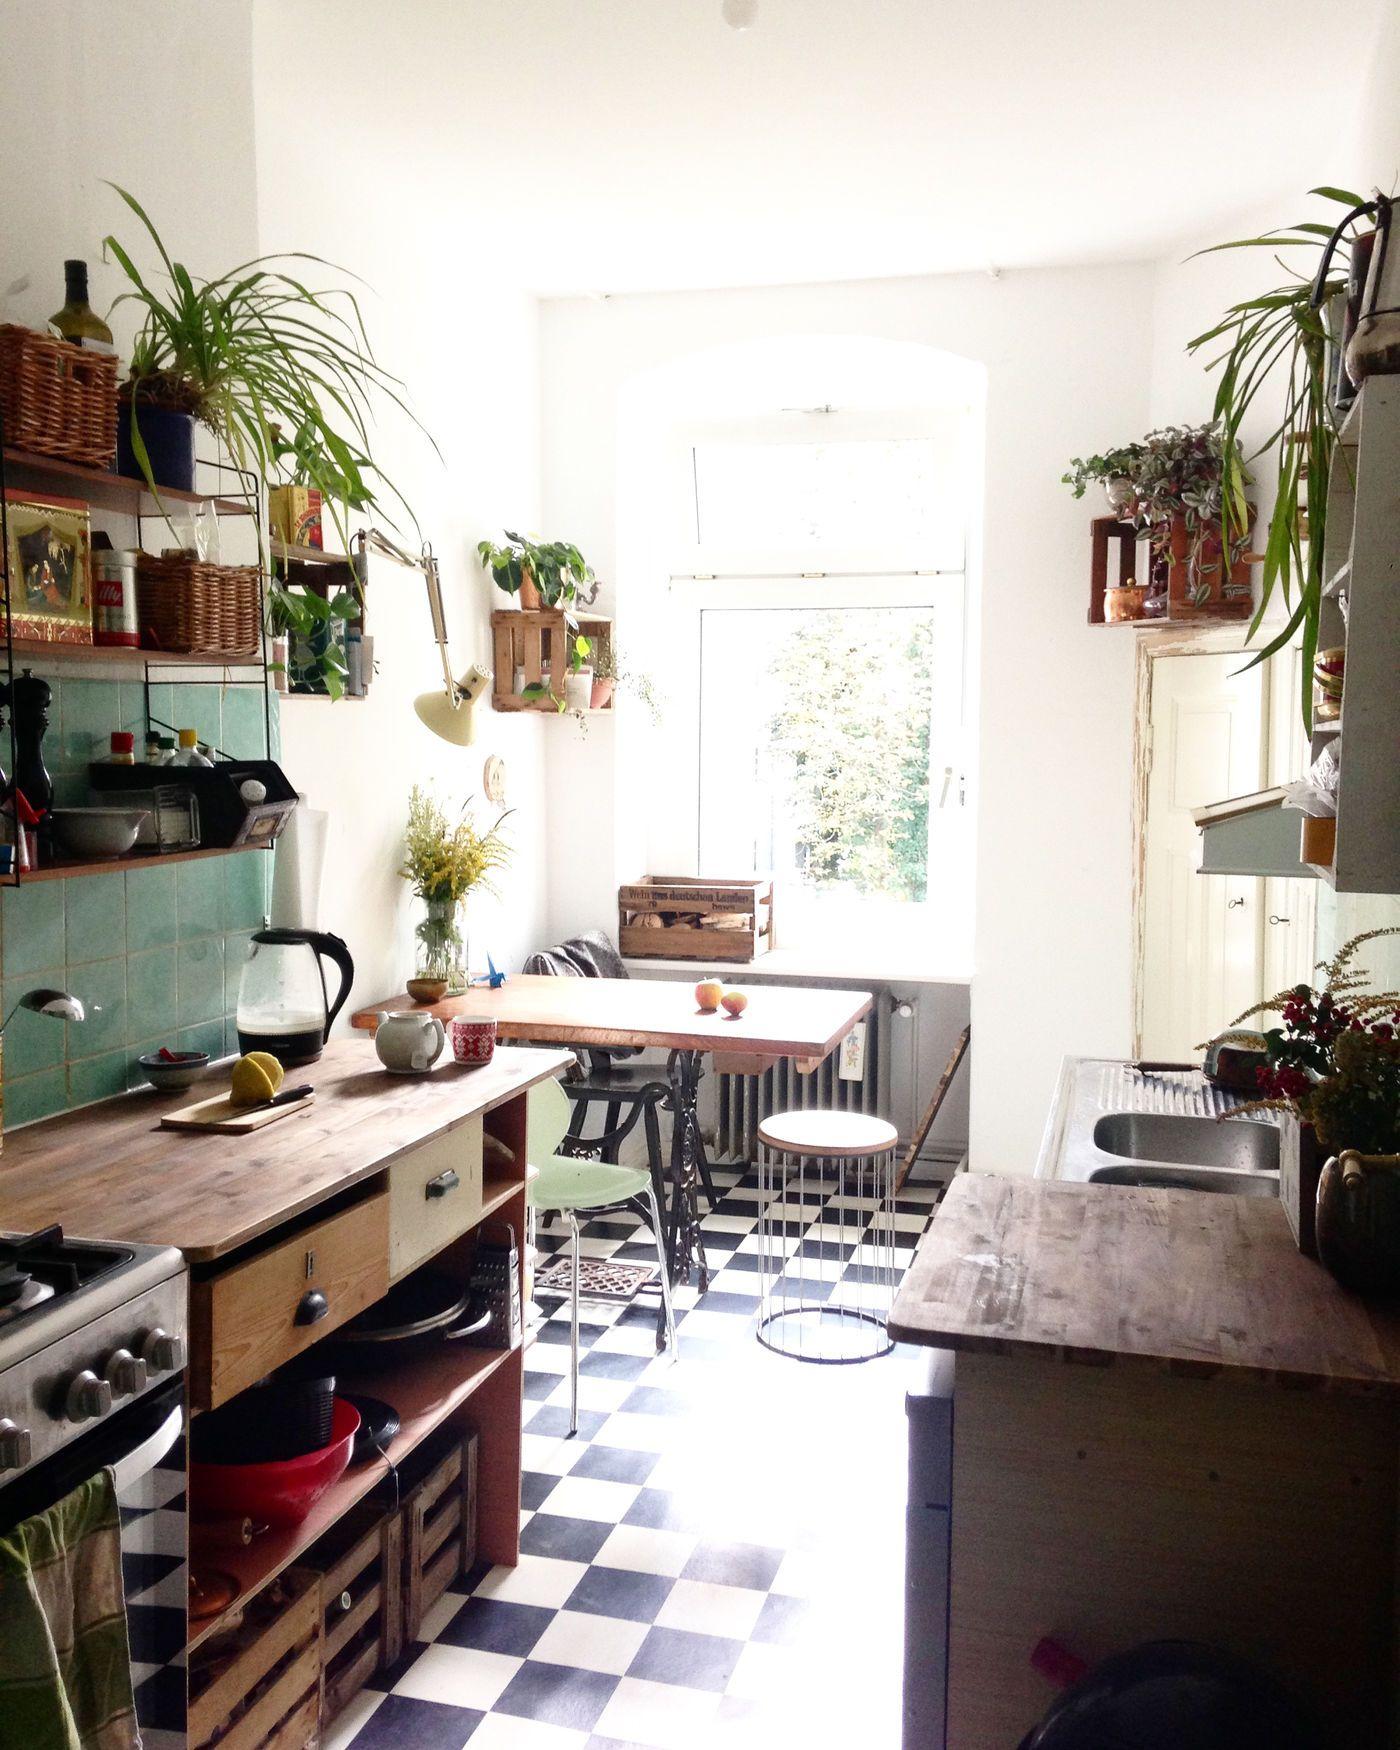 Schonsten Upcycling Ideen Fur Dein Zuhause